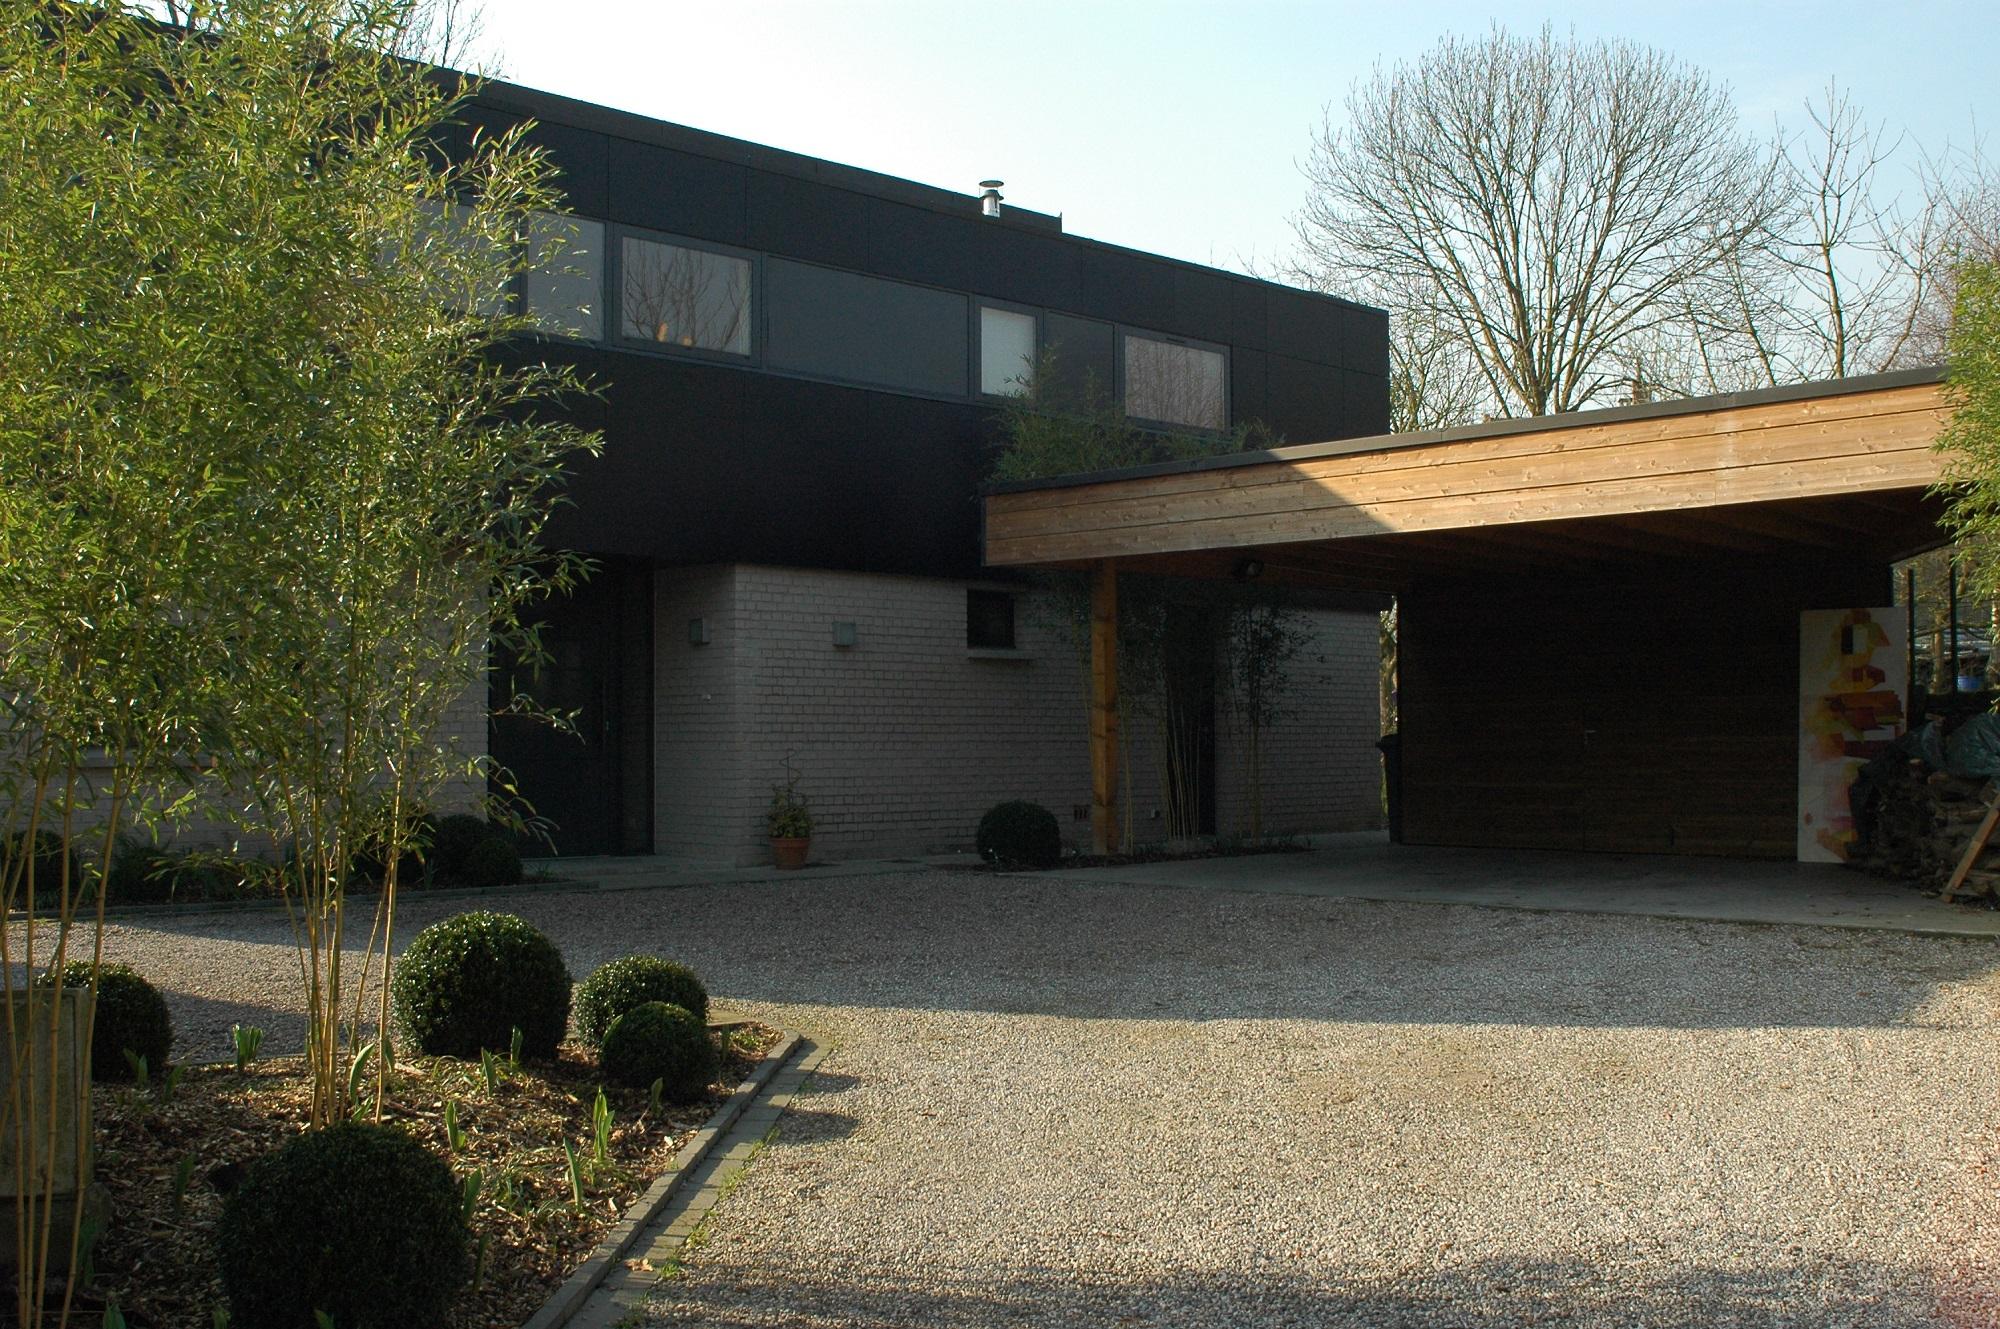 maison en cœur d'îlot / villeneuve d'ascq / 2004 - hornoy